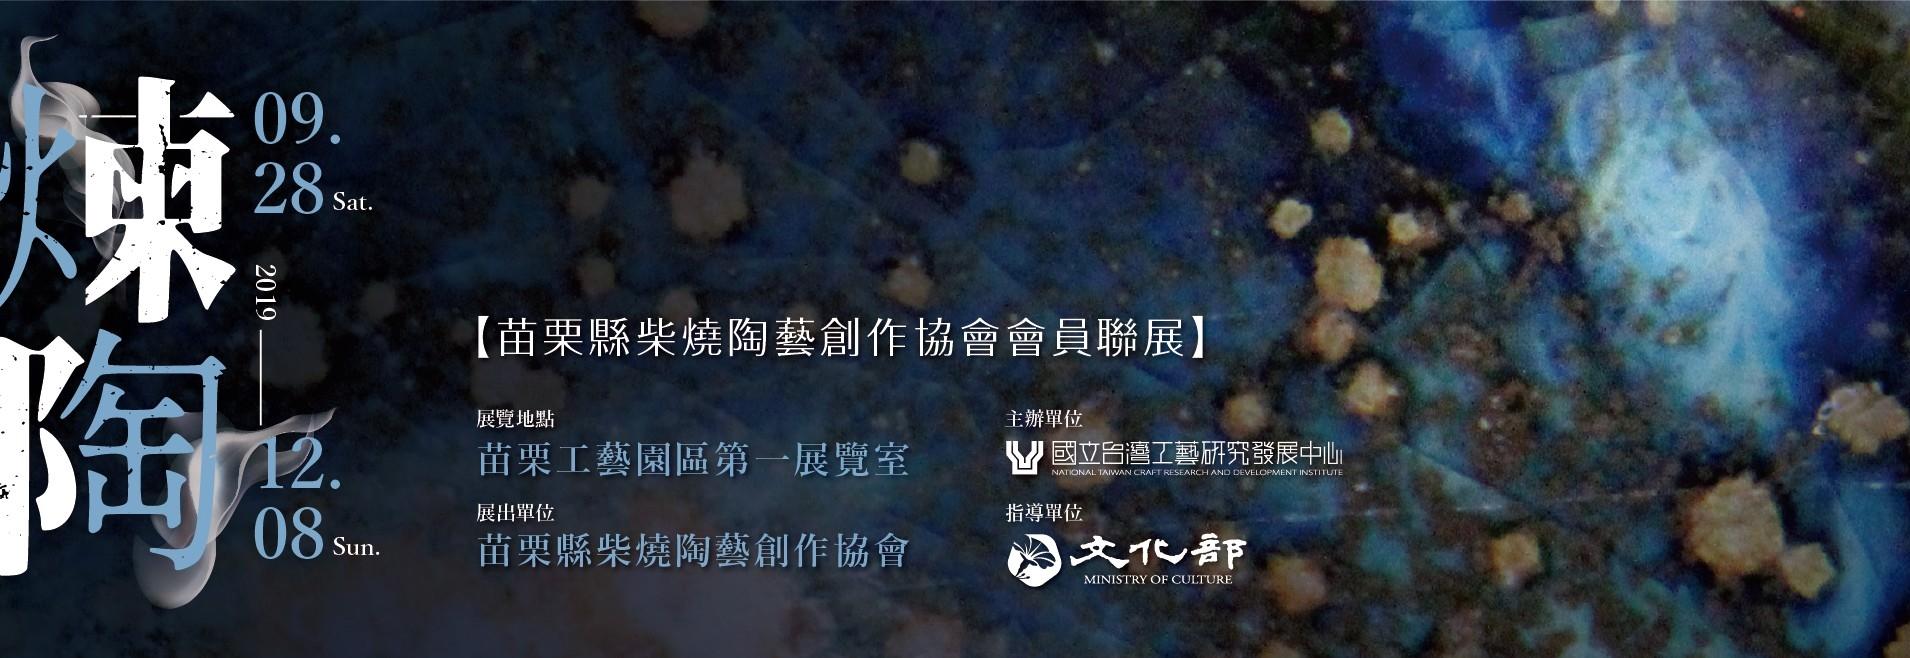 煉陶-苗栗縣柴燒陶藝創作協會會員聯展[另開新視窗]